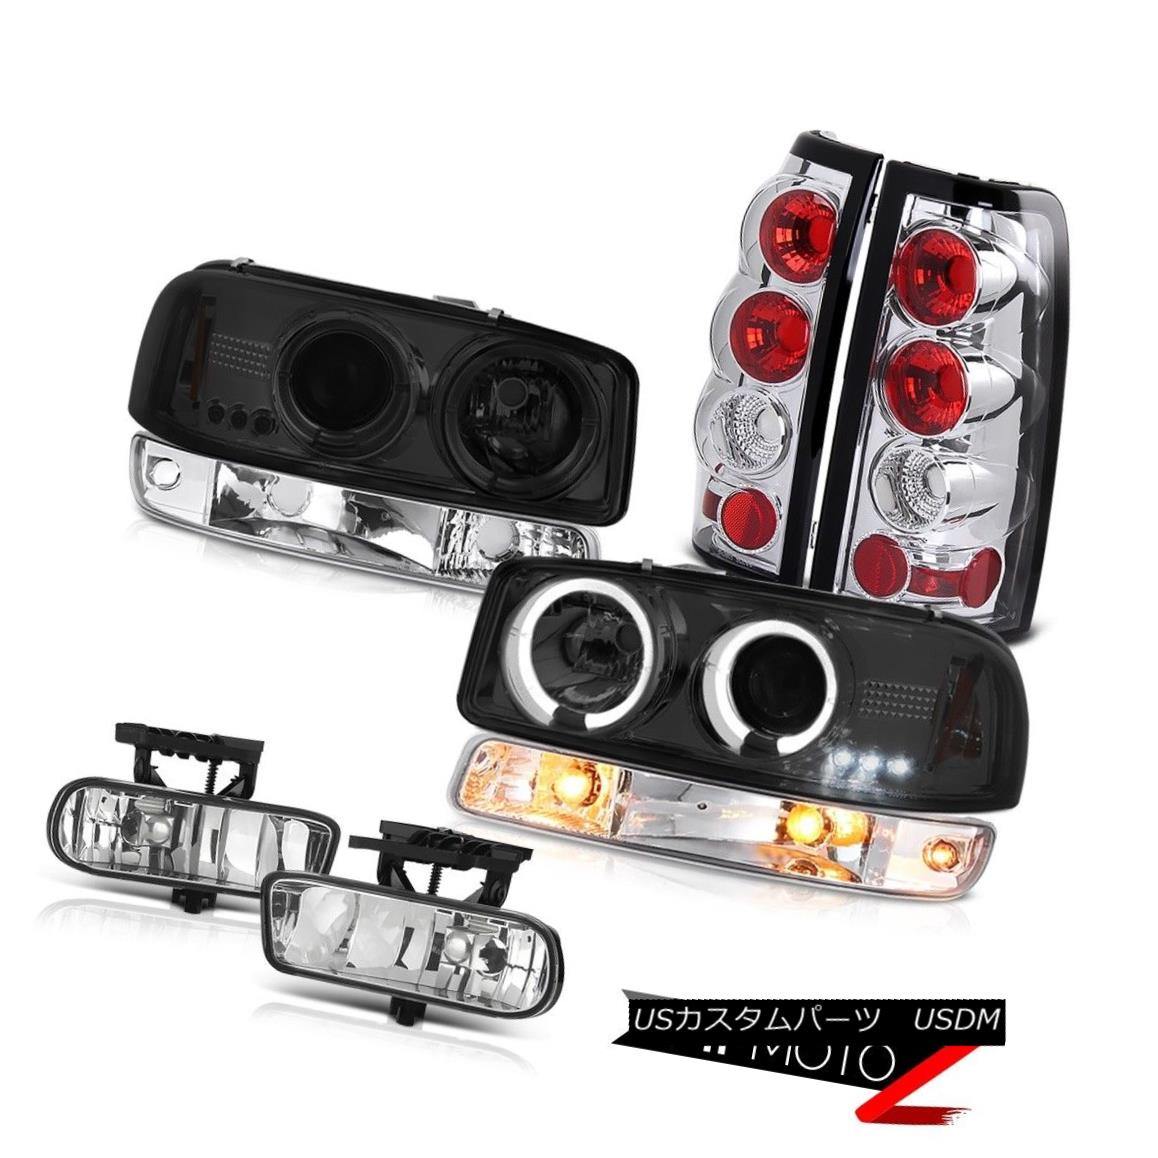 ヘッドライト 99-02 Sierra 5.3L Euro chrome fog lamps tail parking light projector Headlights 99-02シエラ5.3Lユーロクロームフォグランプテールパーキングライトプロジェクターヘッドライト